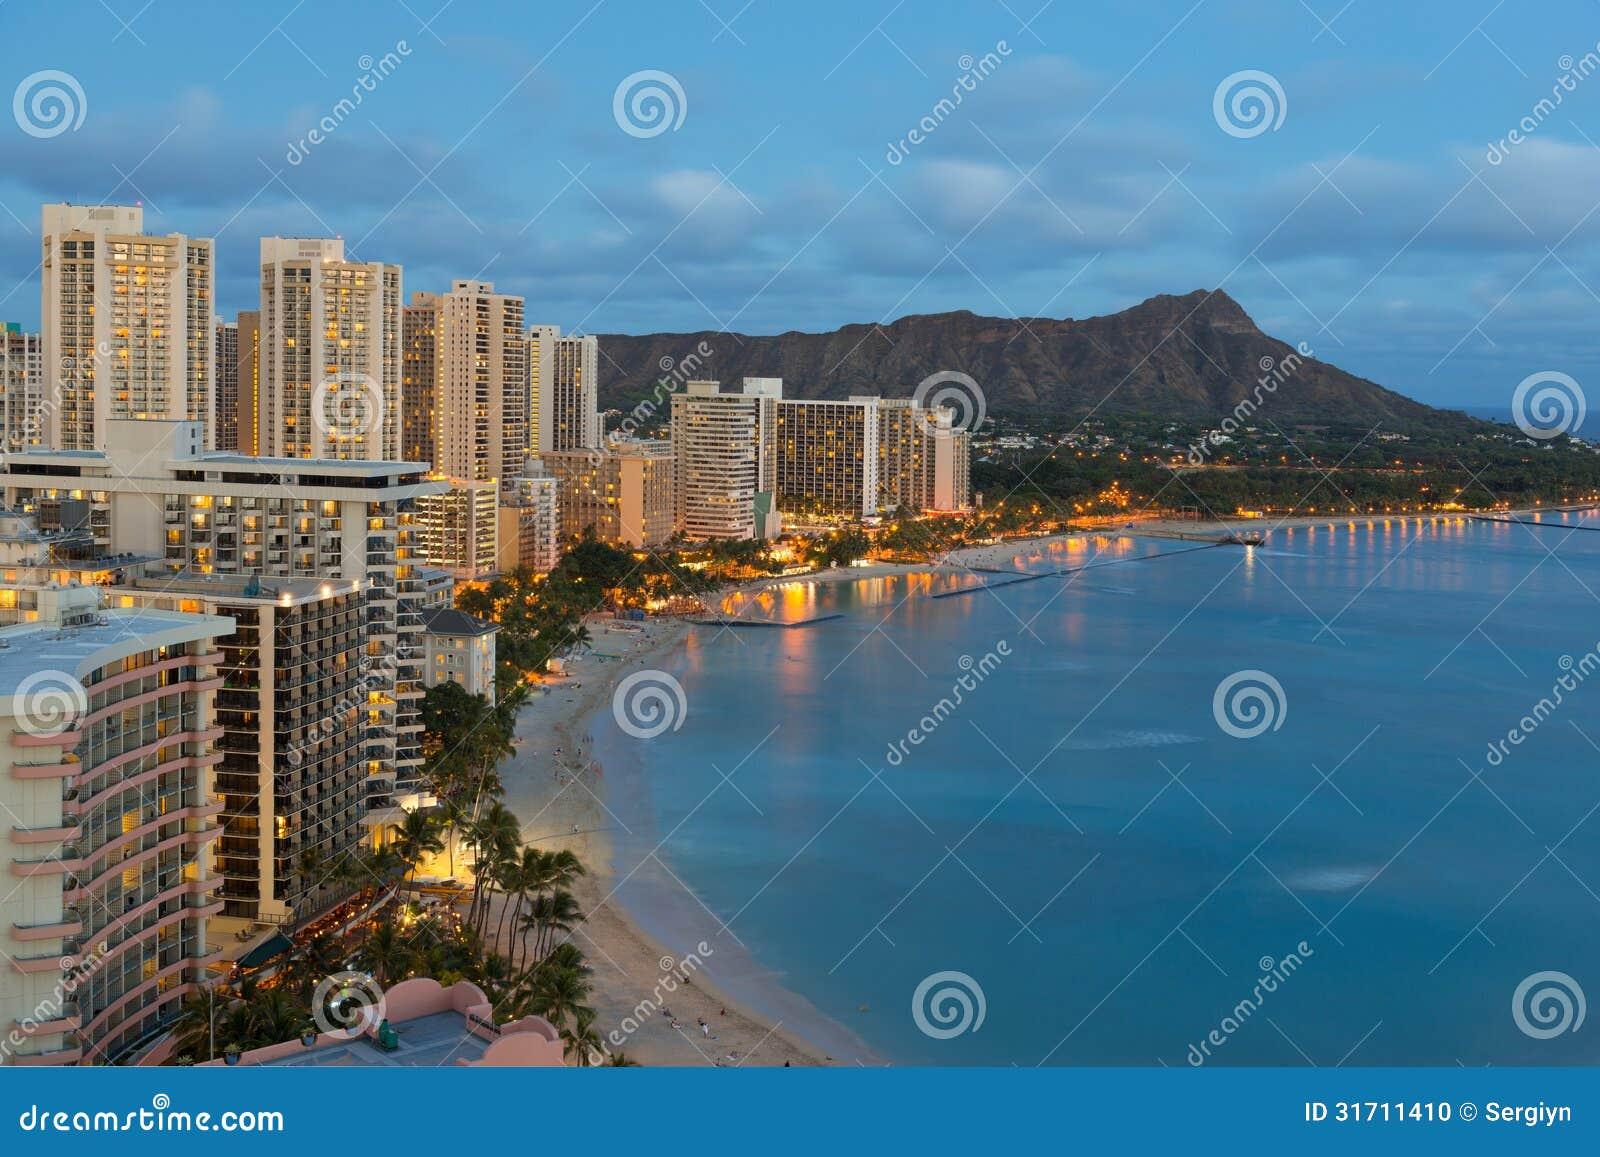 La vue de nuit sur la ville de Honolulu et le Waikiki échouent